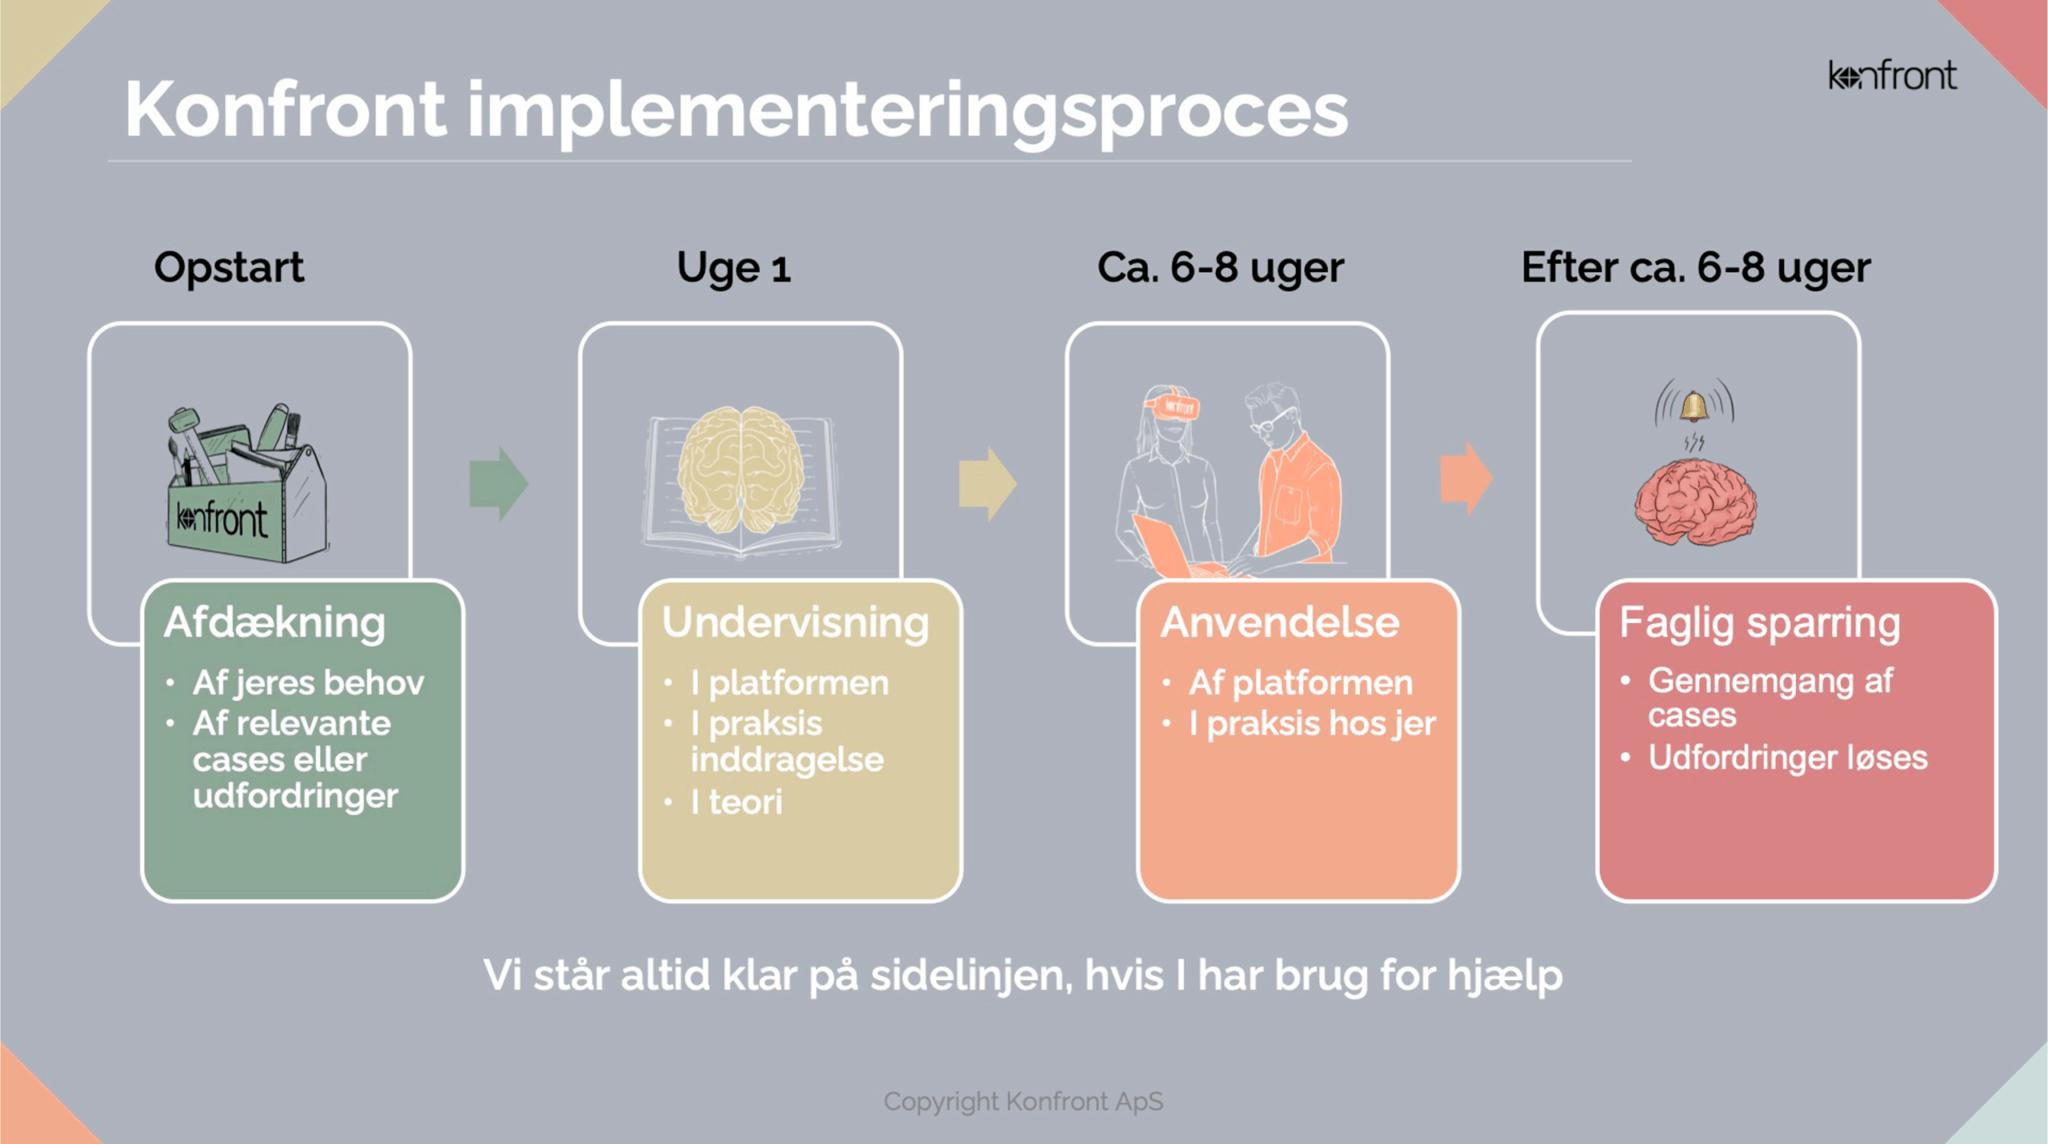 implementeringsproces konfront vangeleddet implementering velfærdsteknologi